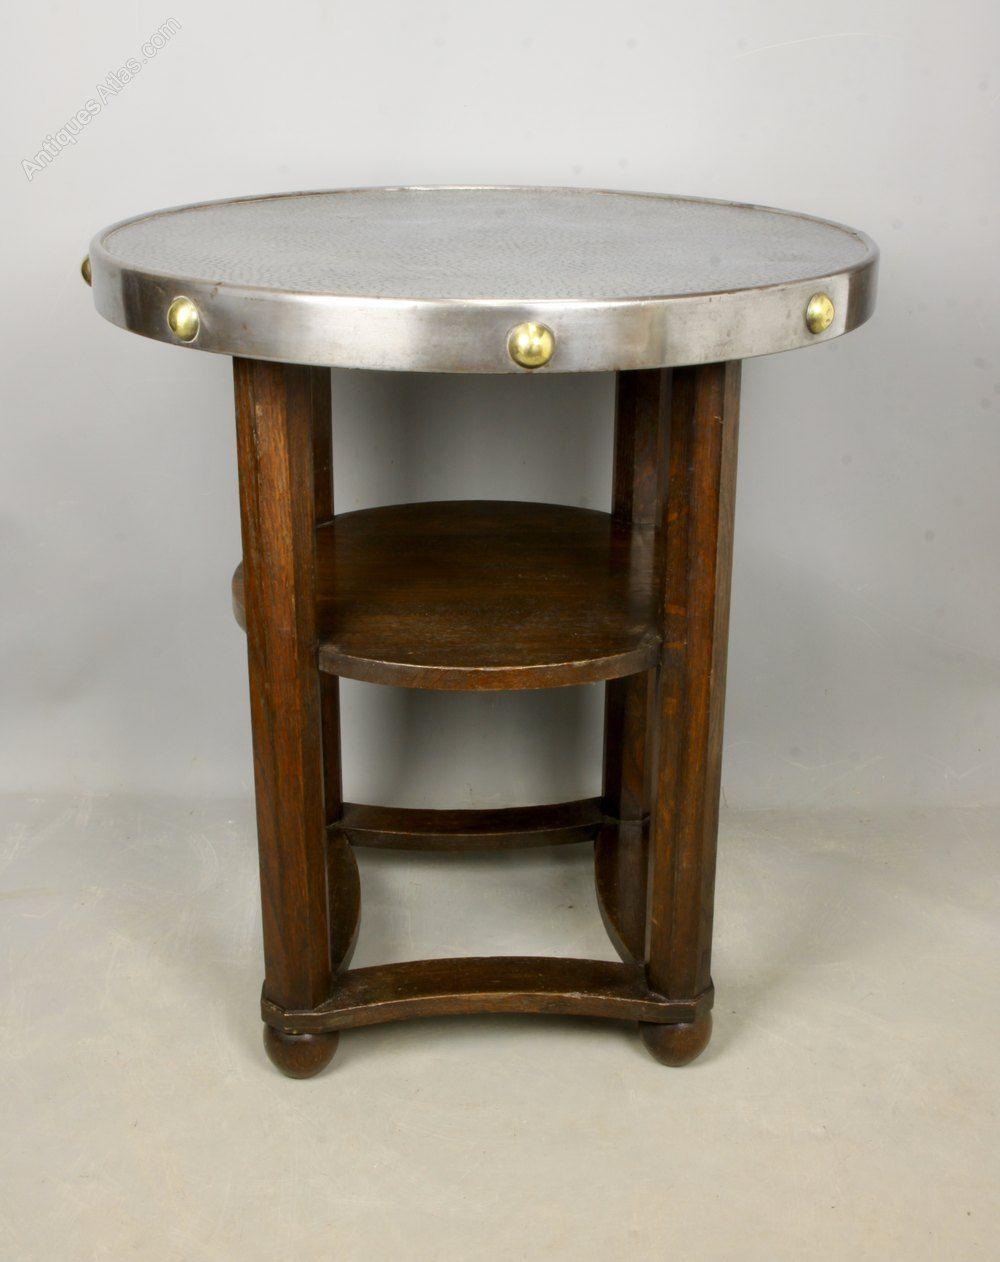 Arts And Crafts Jugendstil Side Table C1920 Antiques Atlas